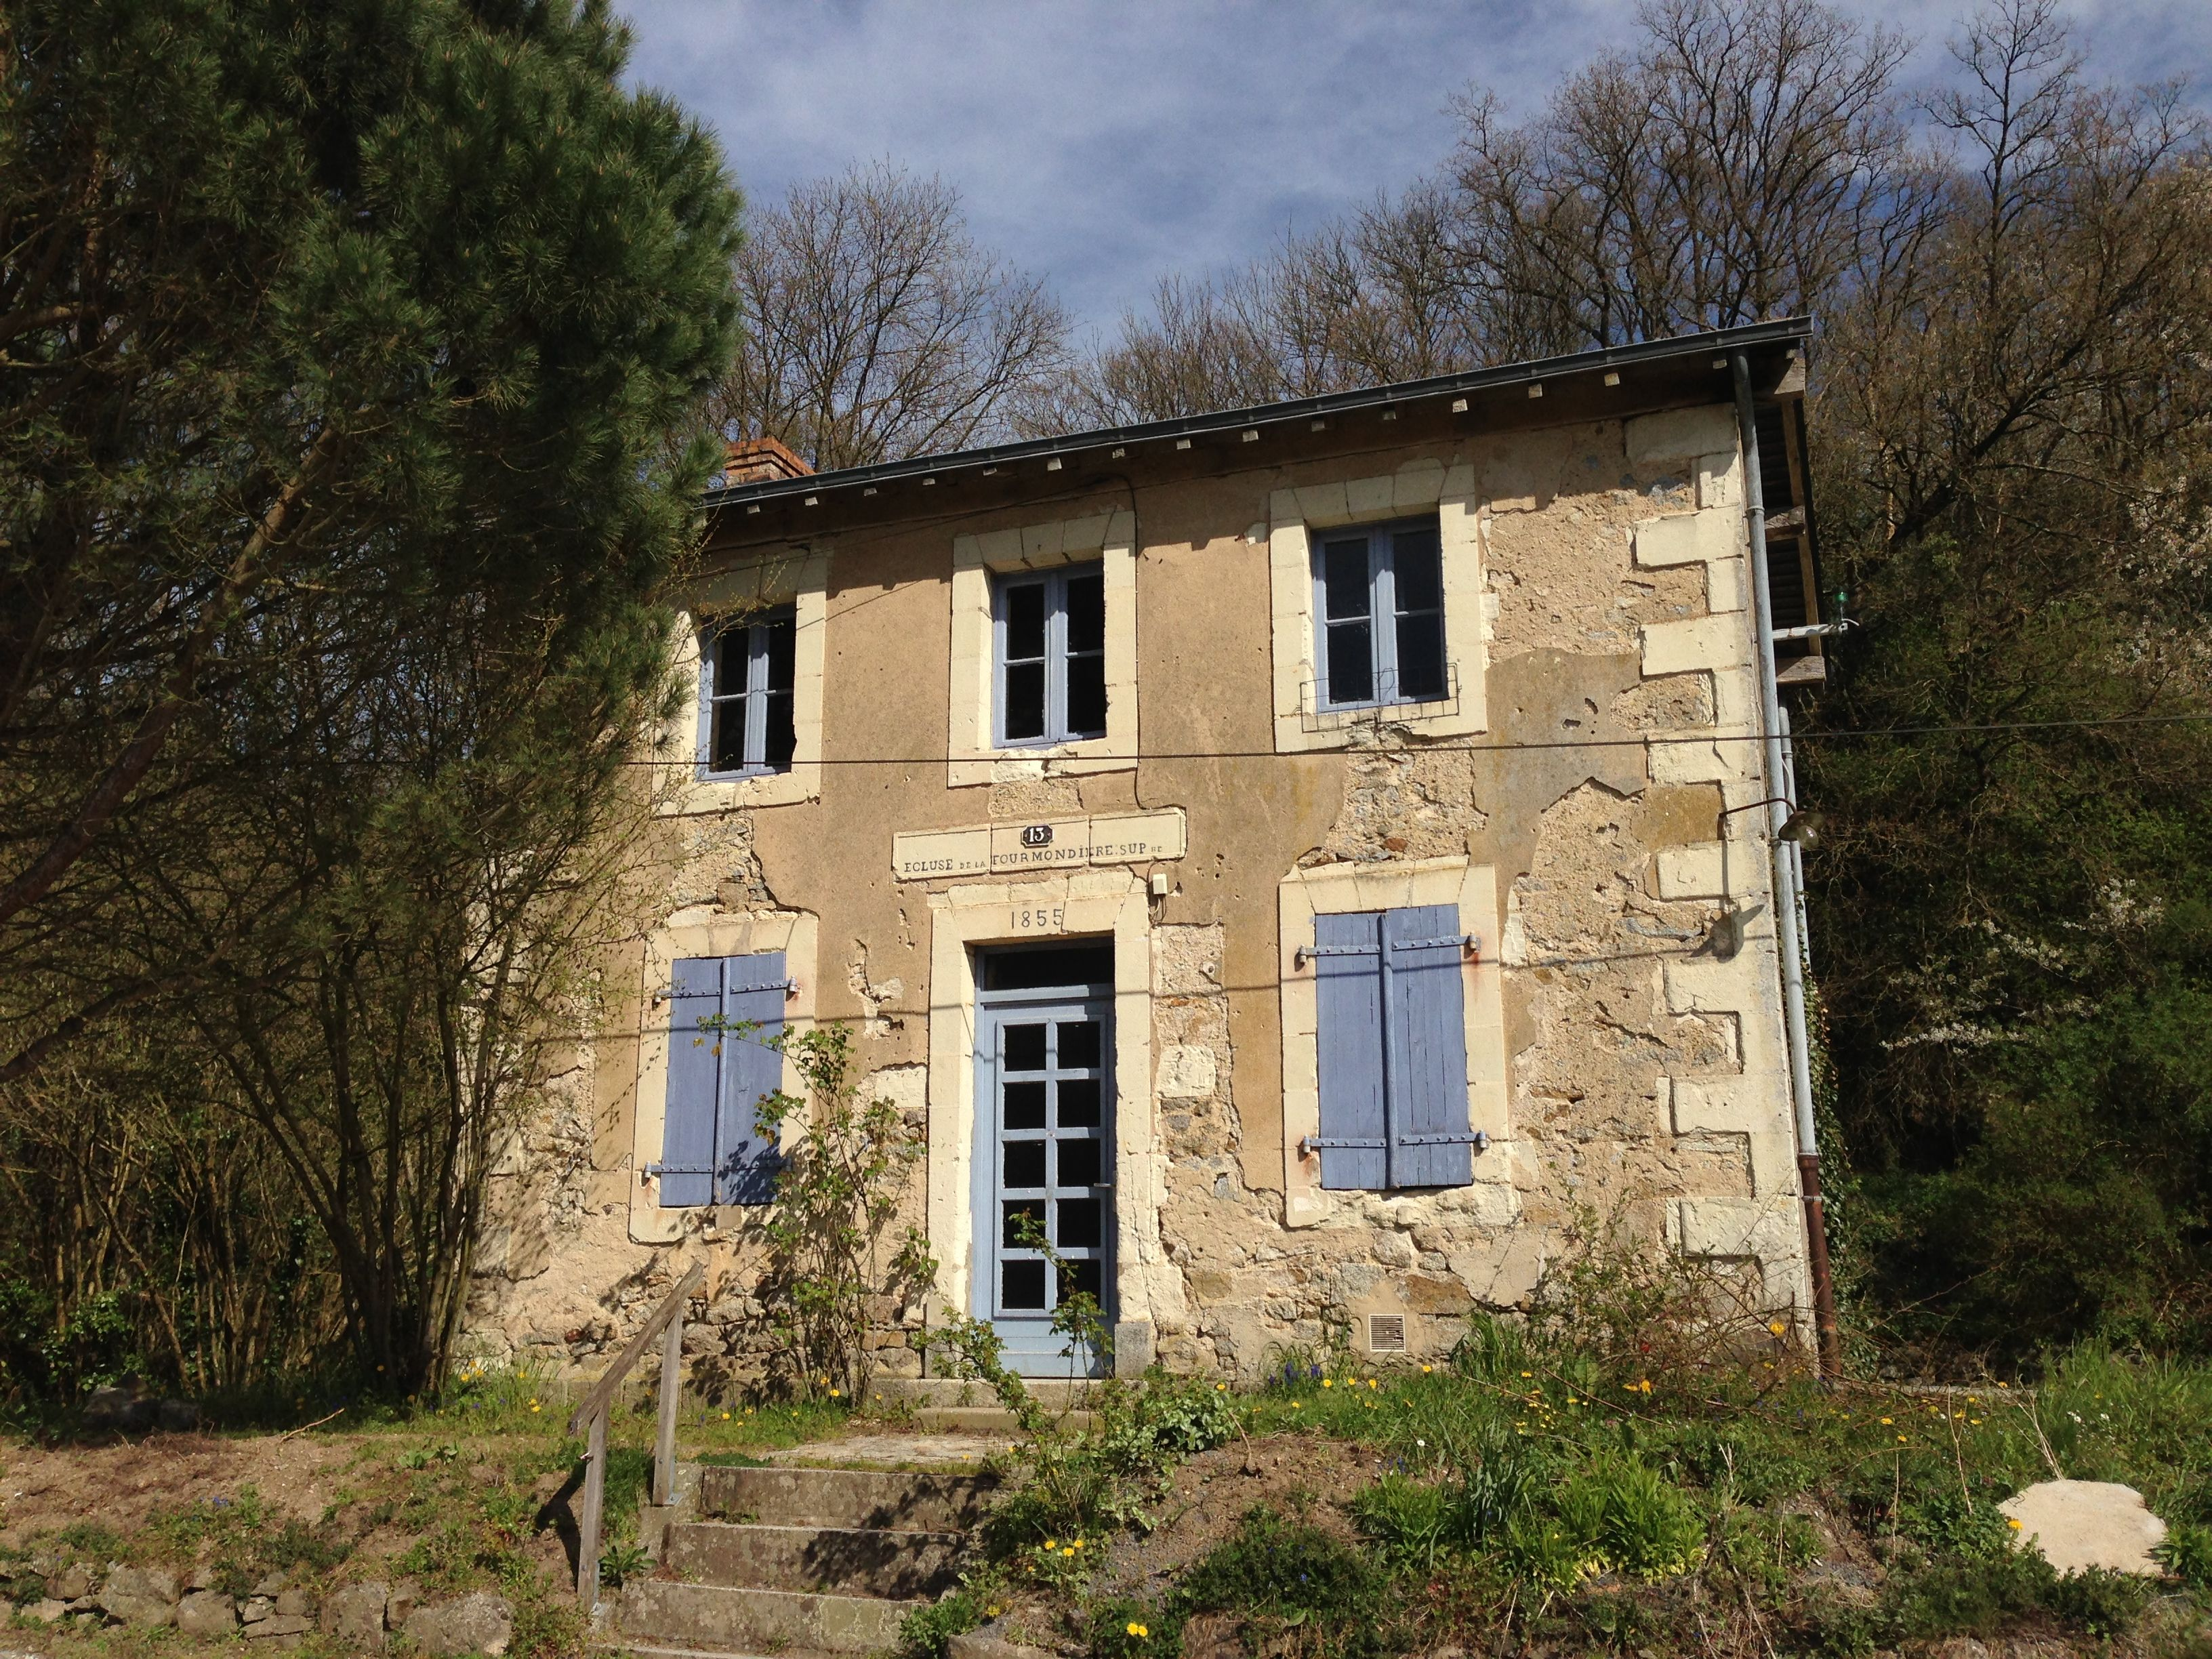 Sur les bords de la Mayenne, à Rochefort, une maison typique d'écluse